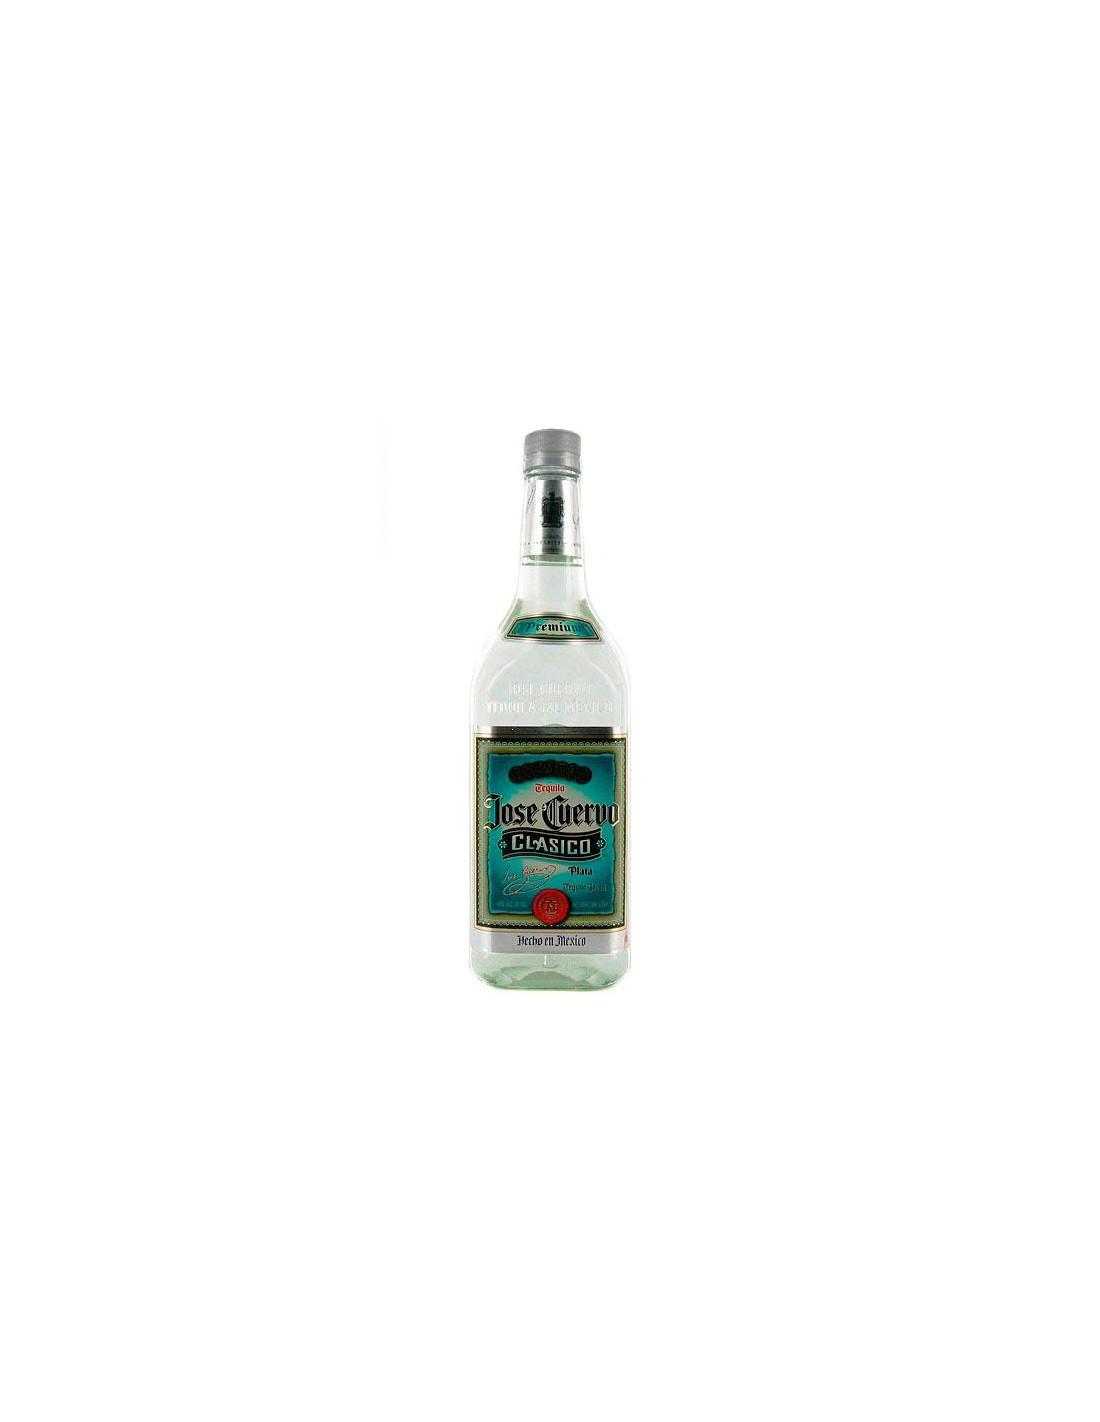 Tequila alba Jose Cuervo Classico White 0.7L, 38% alc., Mexic